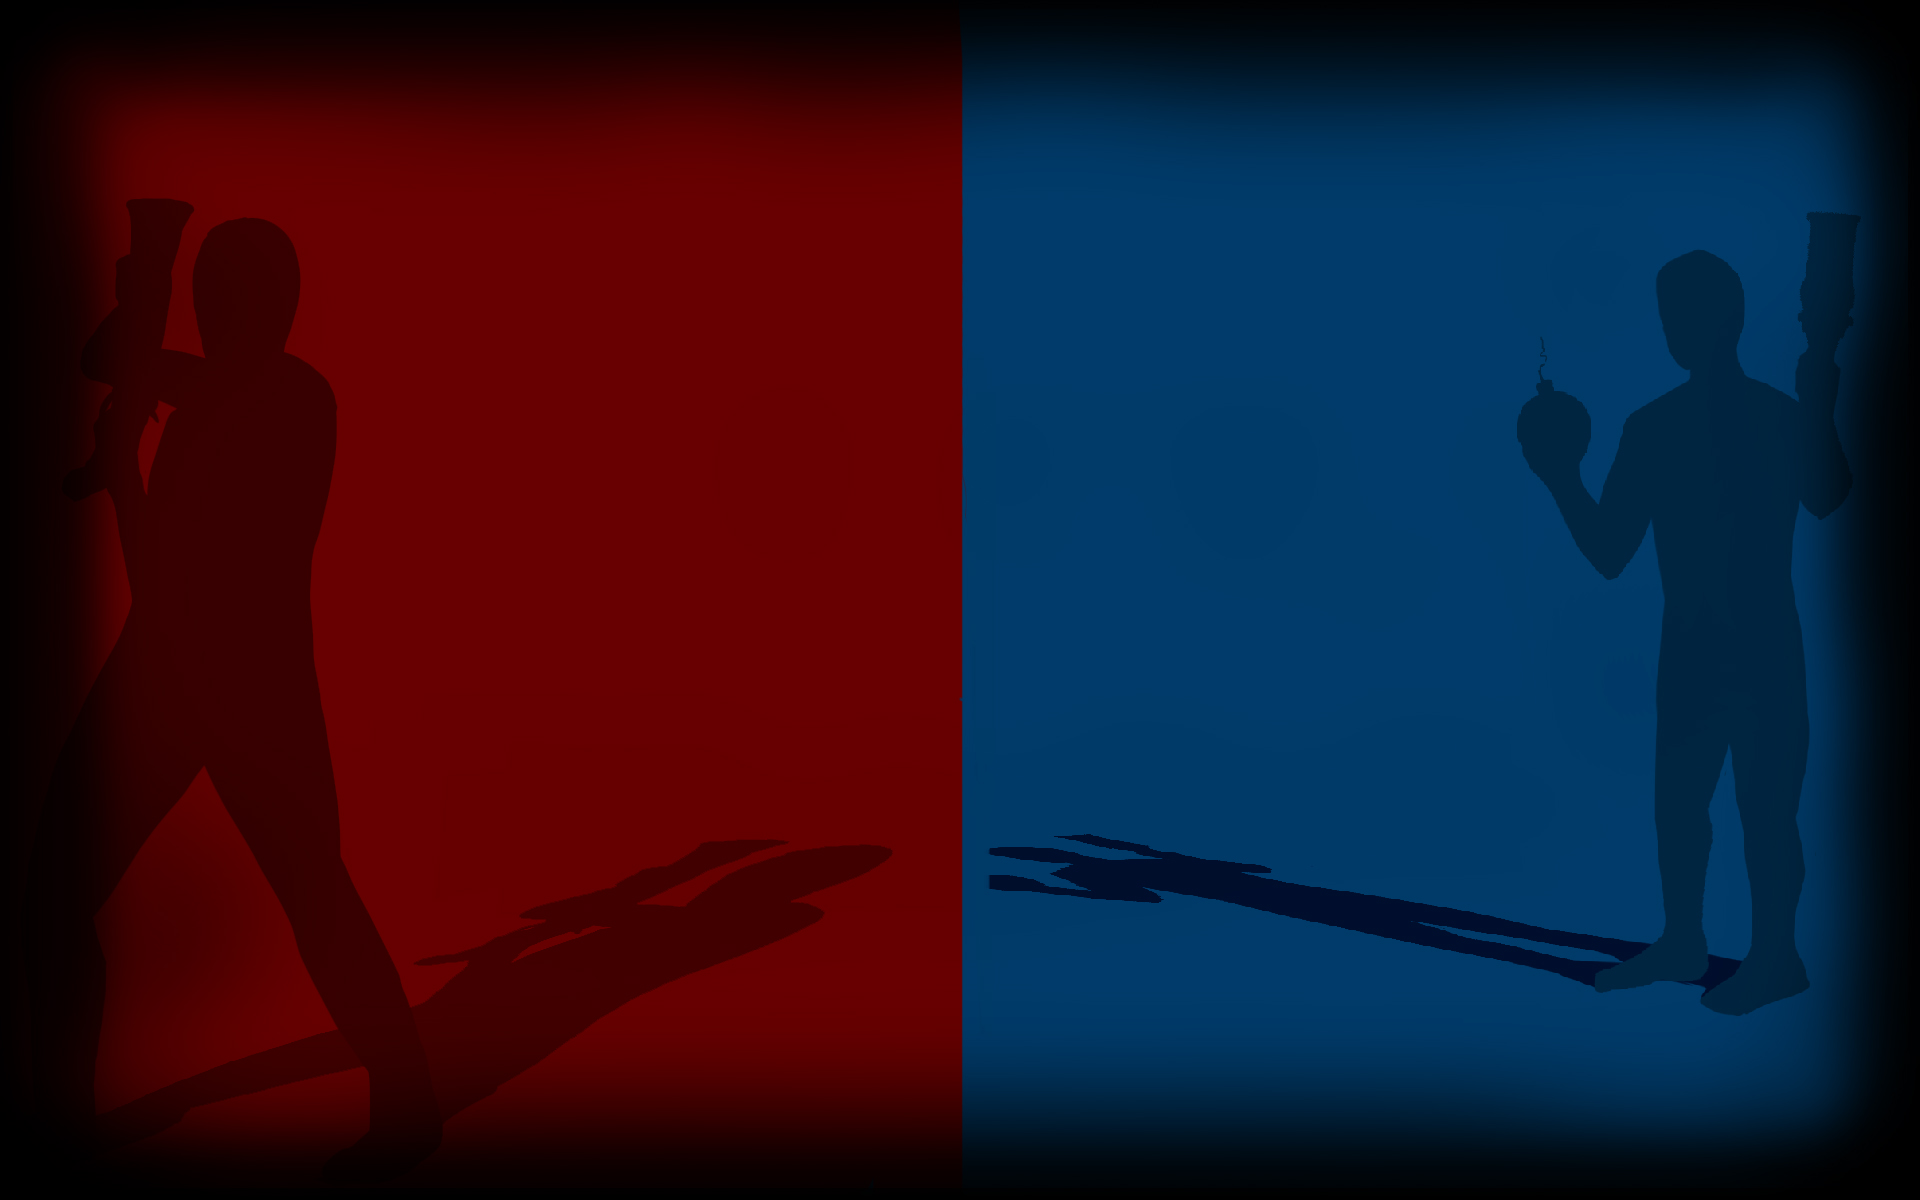 blue vs red. Black Bedroom Furniture Sets. Home Design Ideas